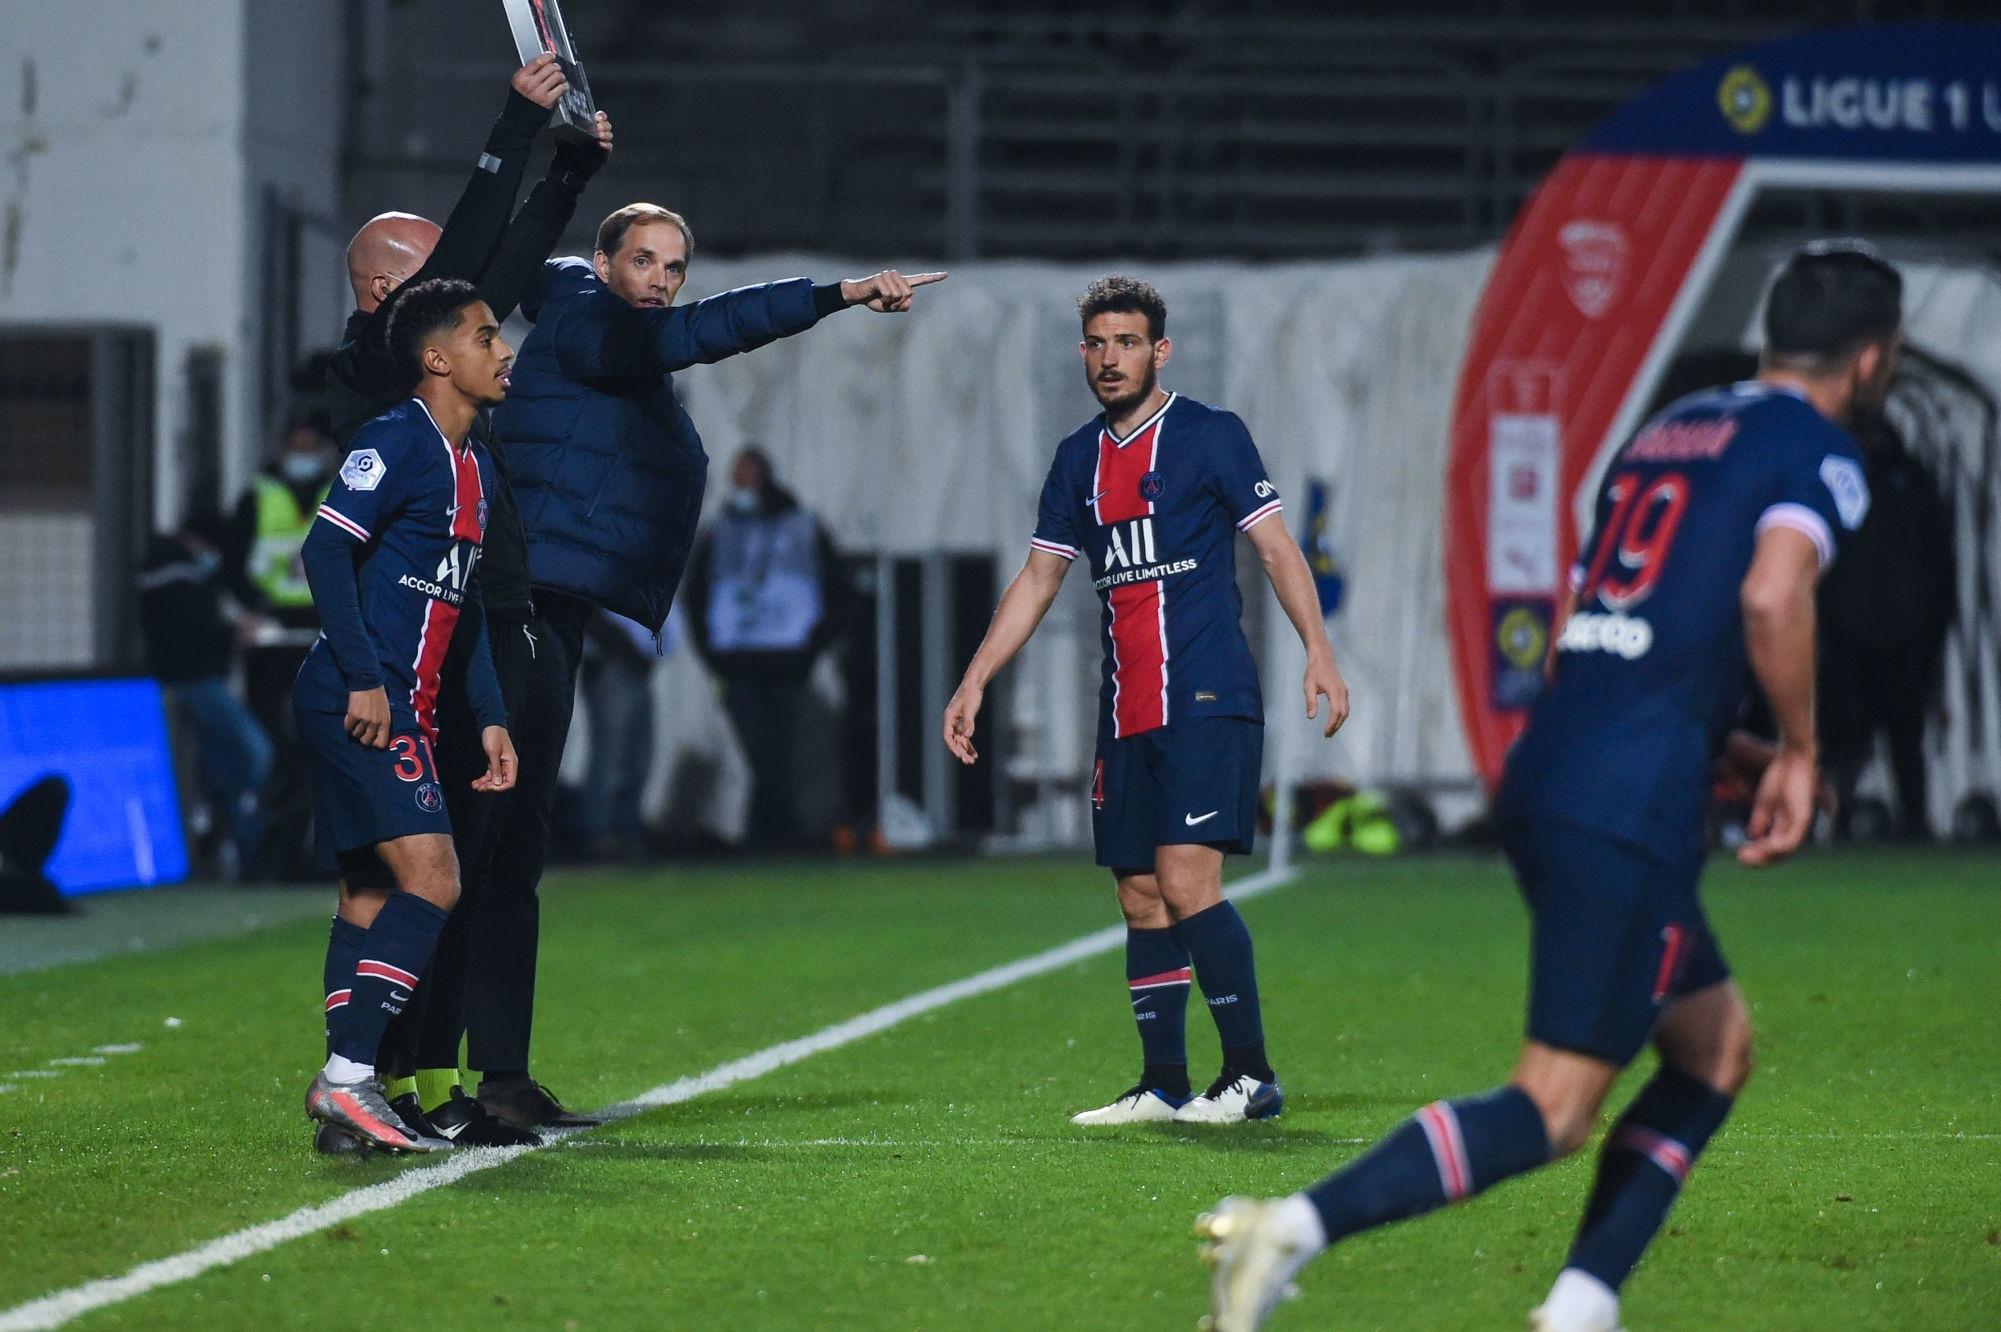 Mercato - Florenzi devrait rester, Dagba probablement remplacé d'après L'Équipe